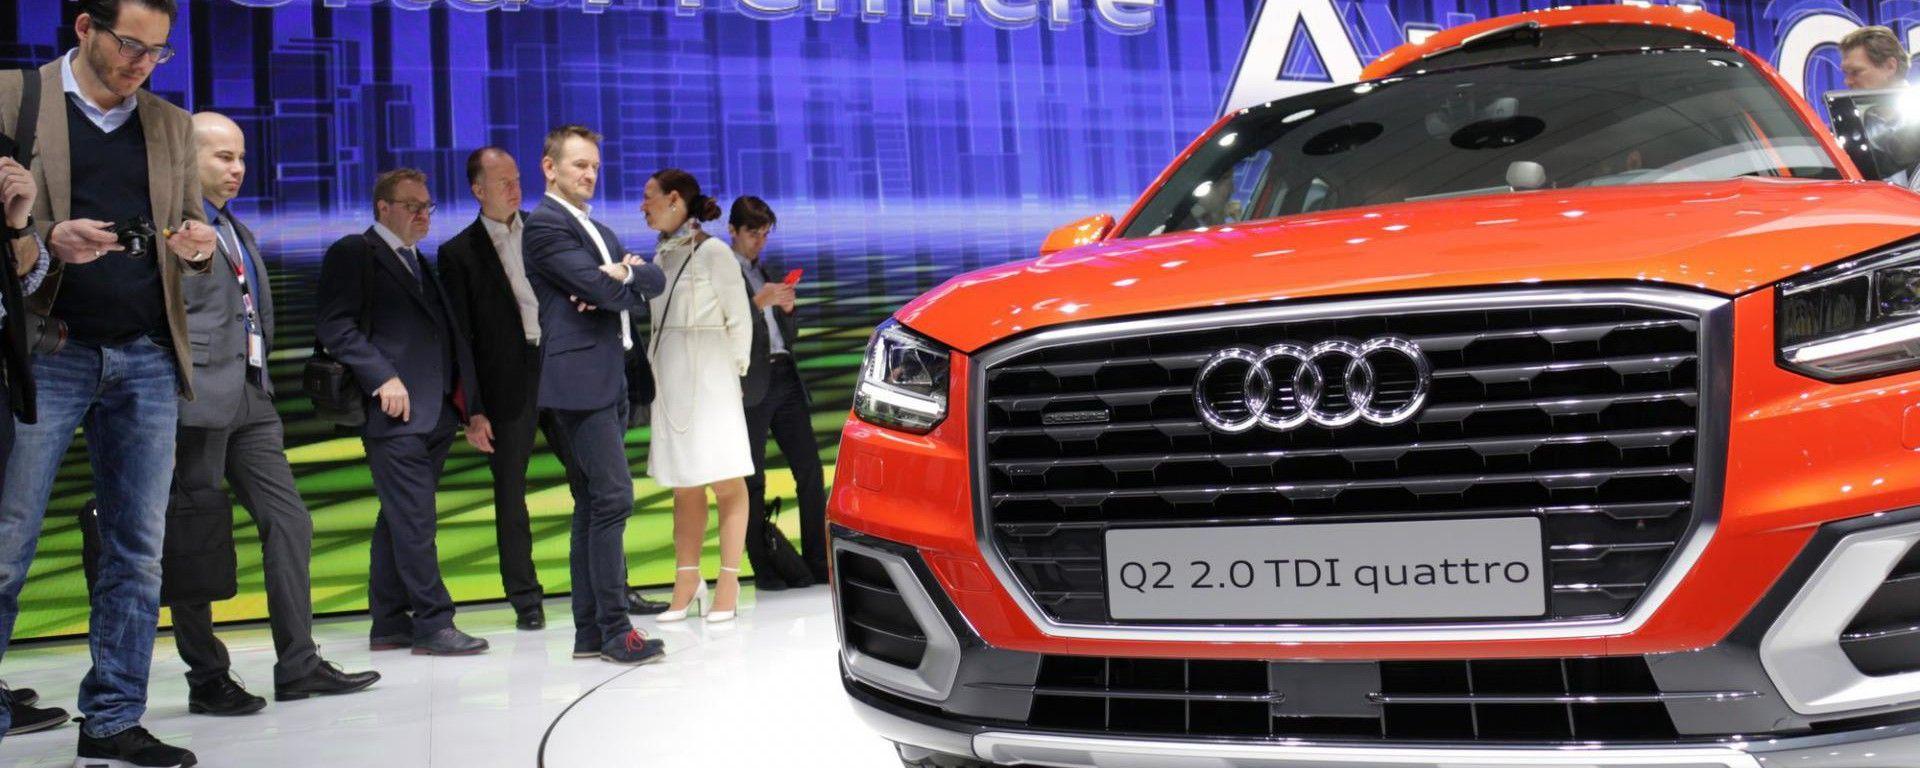 Ginevra 2016 - Notizie dalle Case: Audi